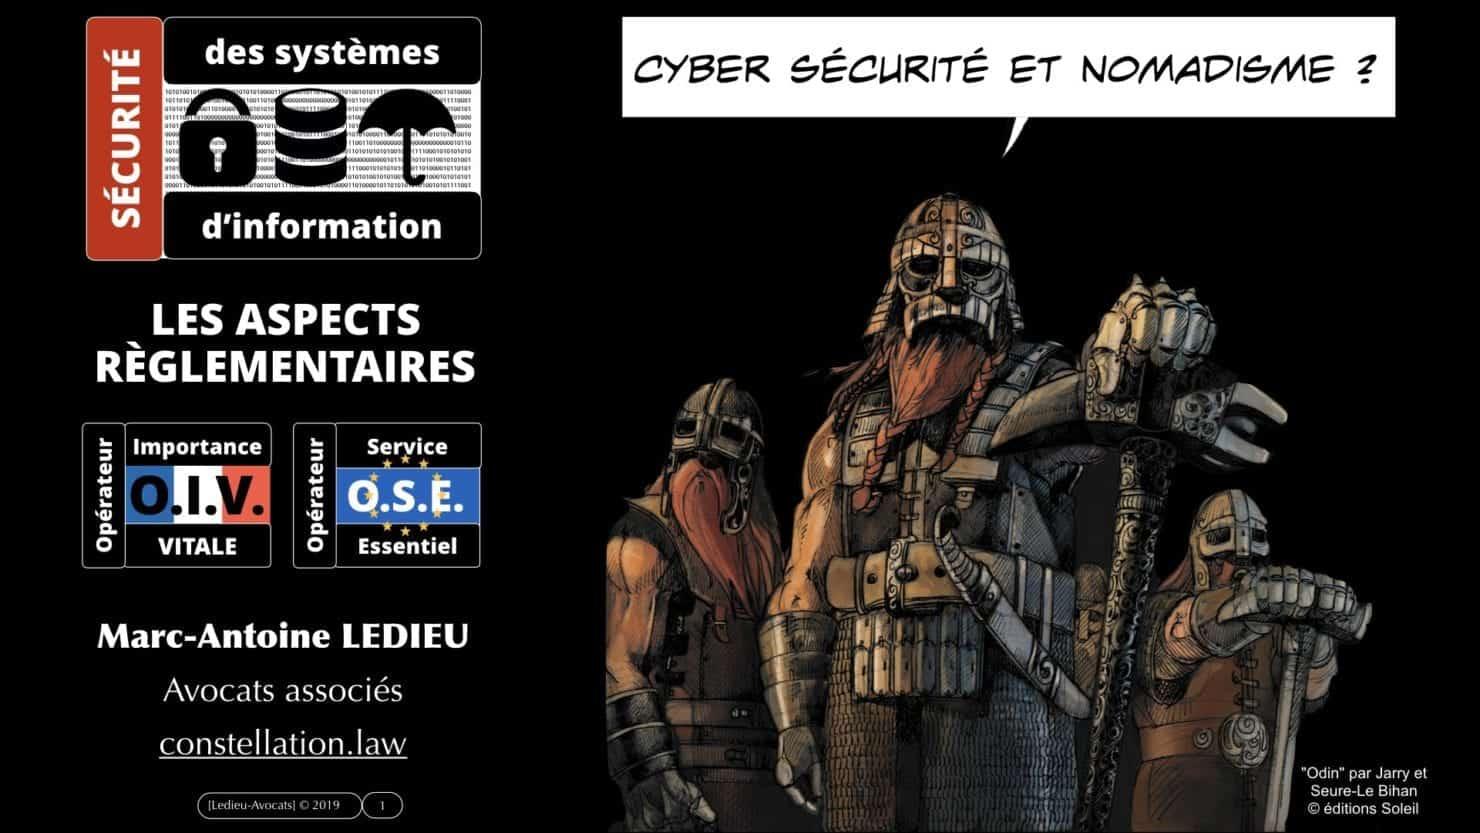 nomadisme et sécurité des systèmes d'information : les contraintes règlementaires OIV-OSE [conférence CLOUD EXPO EUROPE 27 novembre 2019]